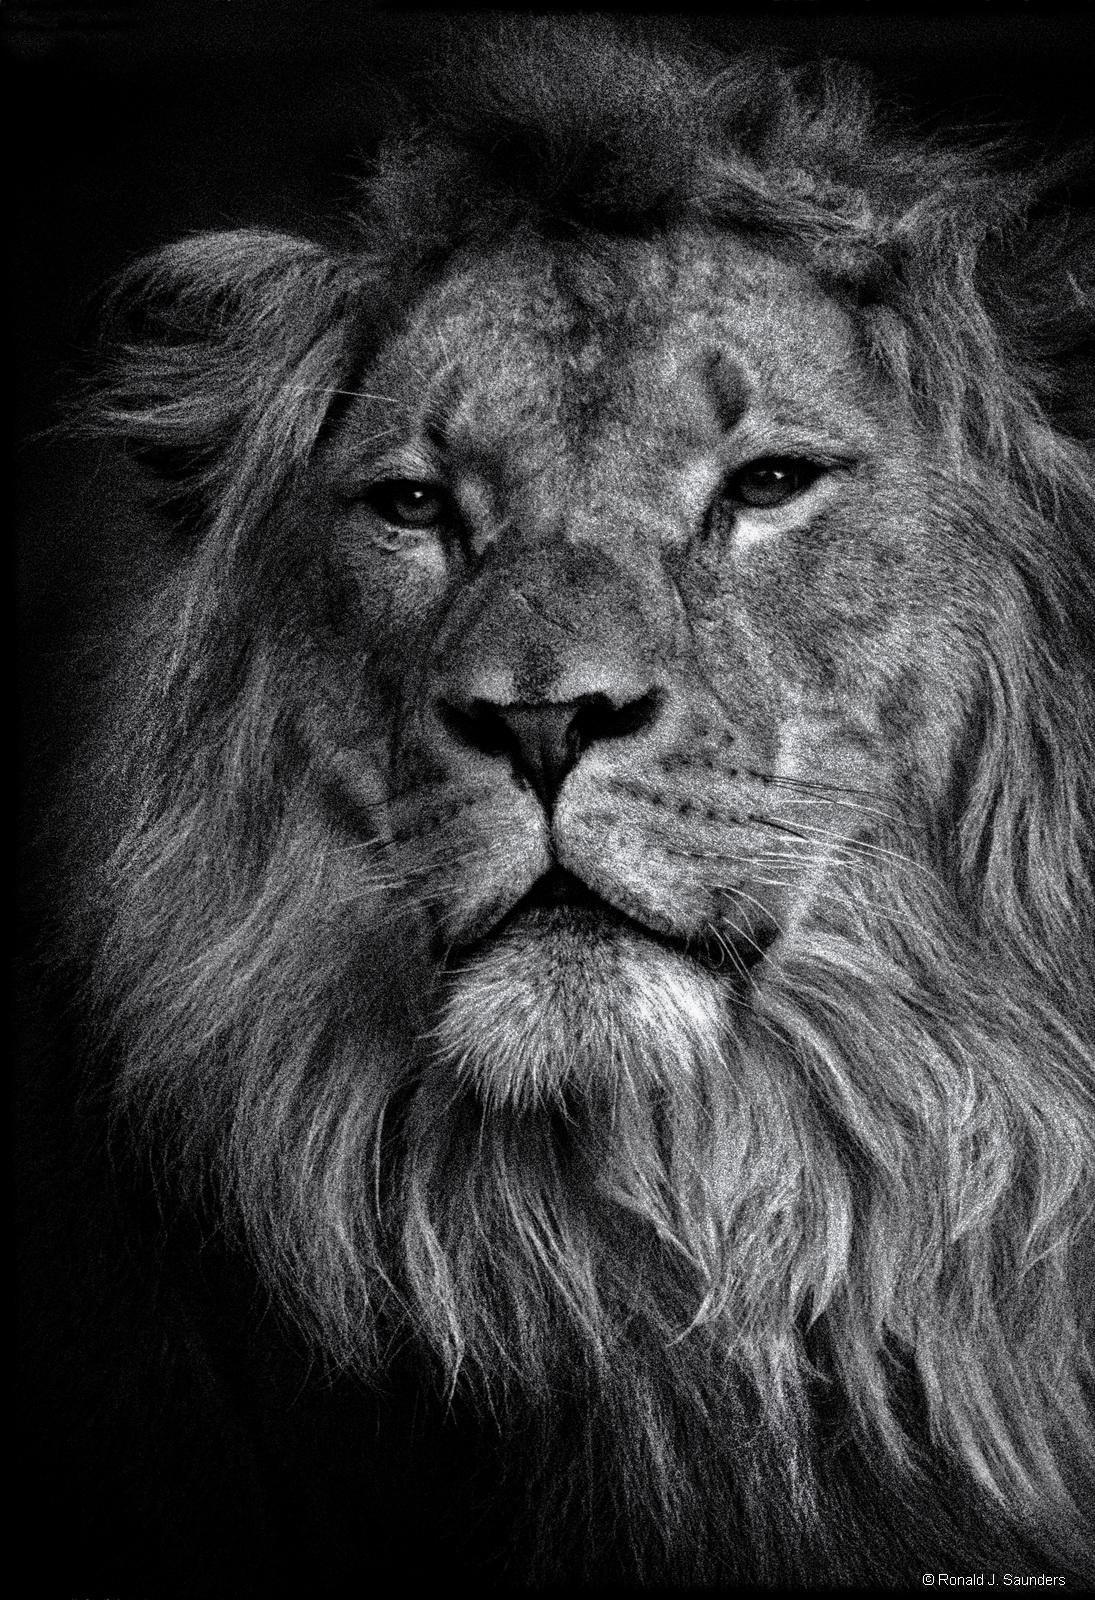 animal, lion, ron, ronald, saunders, ,landscape, fine art, keeble, shuchat, exhibition, photo